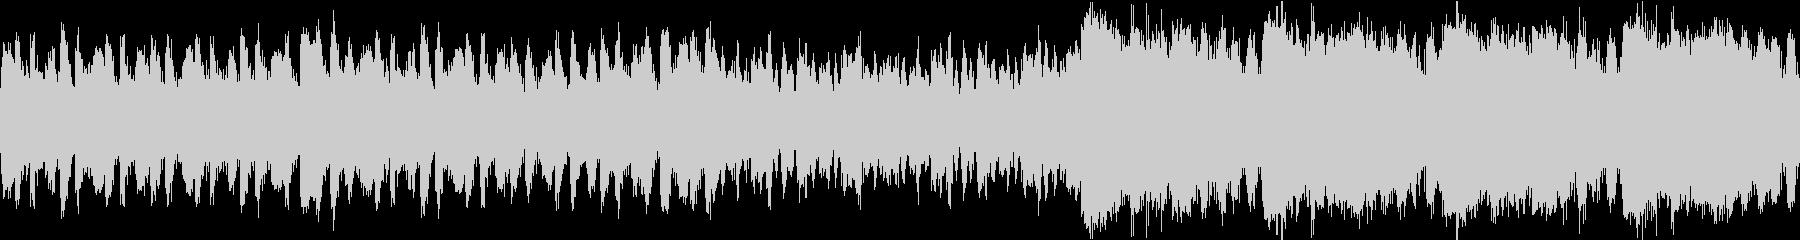 ハロウィン1 long ループの未再生の波形